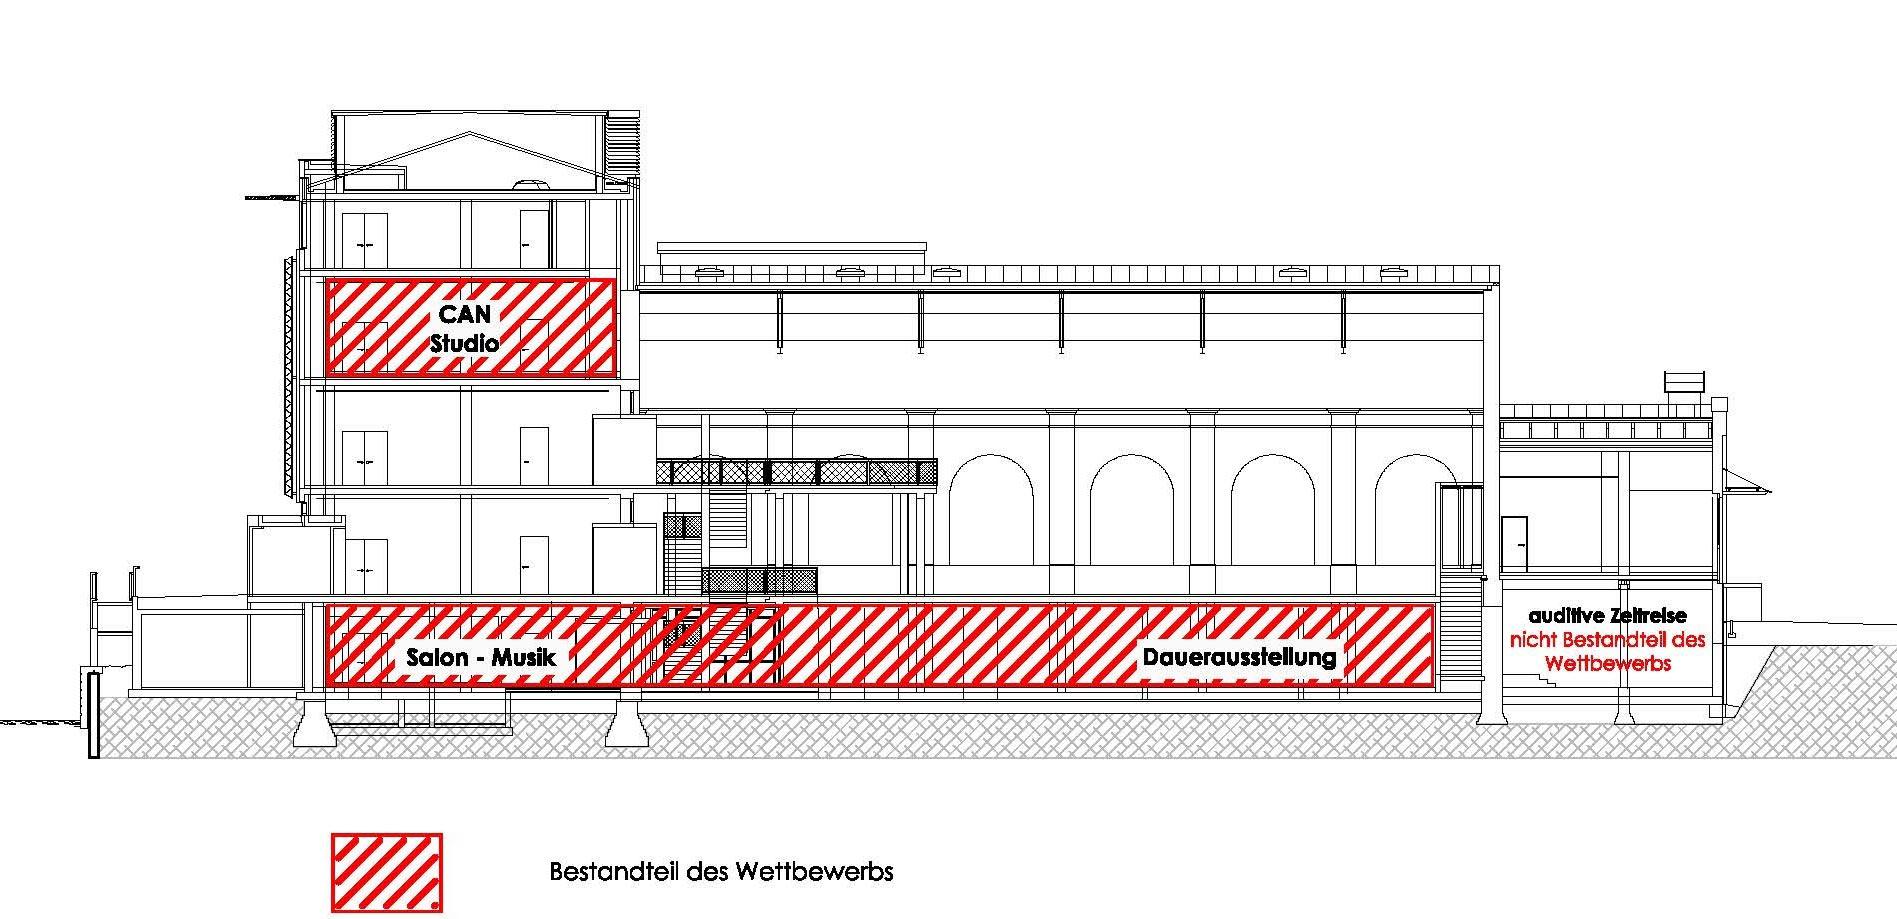 rock'n'popmuseum Gronau Wettbewerbsbetreuung Schnitt Planquadrat